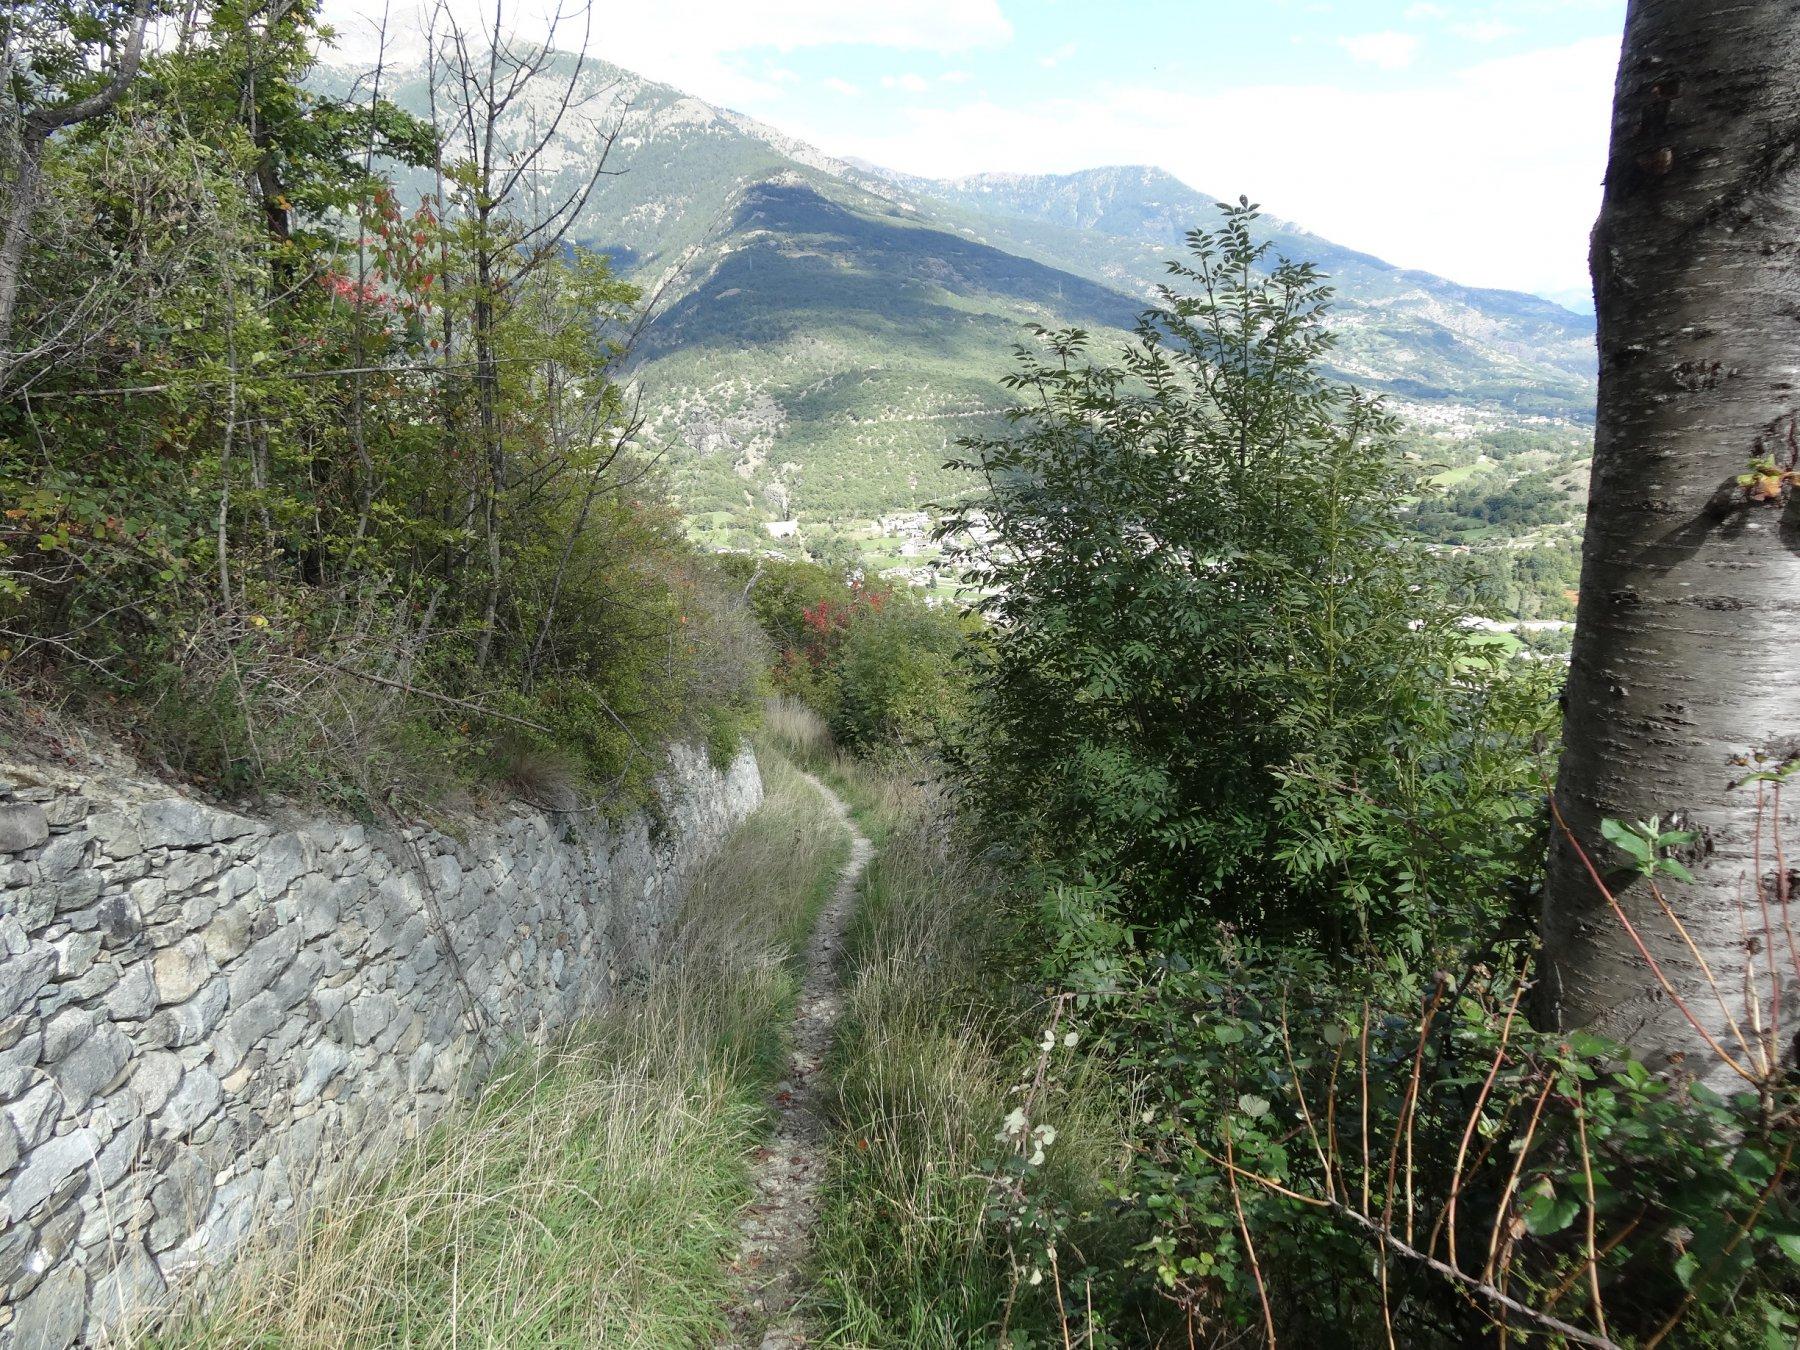 ultimi tratti del sentiero 1 sopra aosta